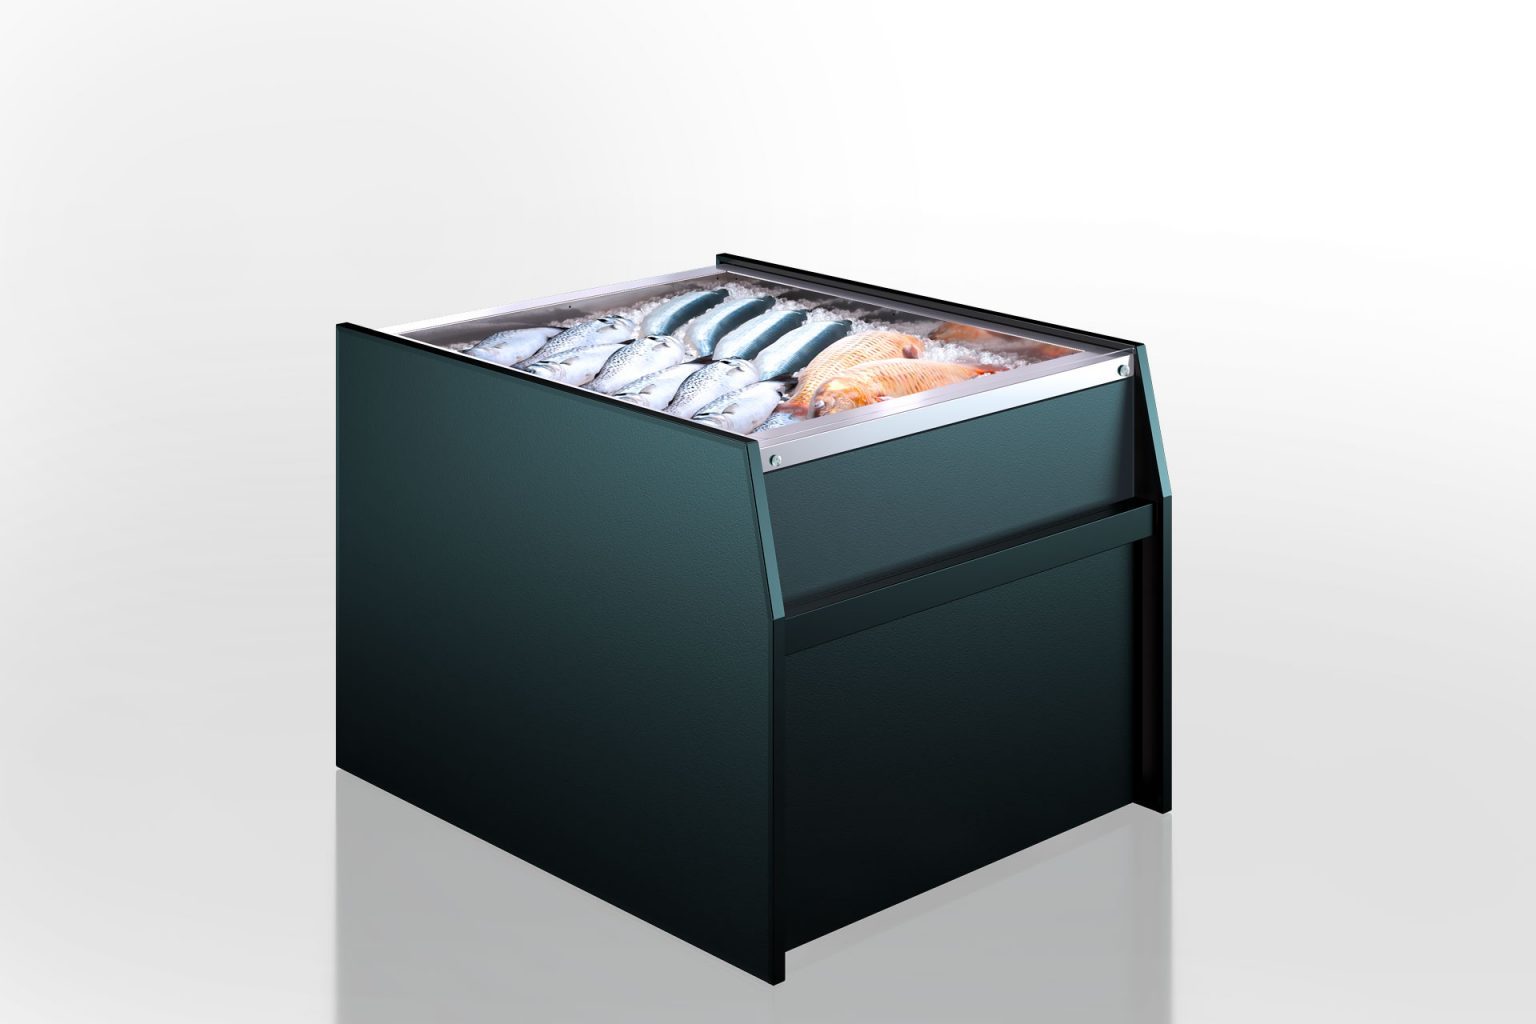 מקרר ויטרינה MISSOURI MC 120 ICE SELF